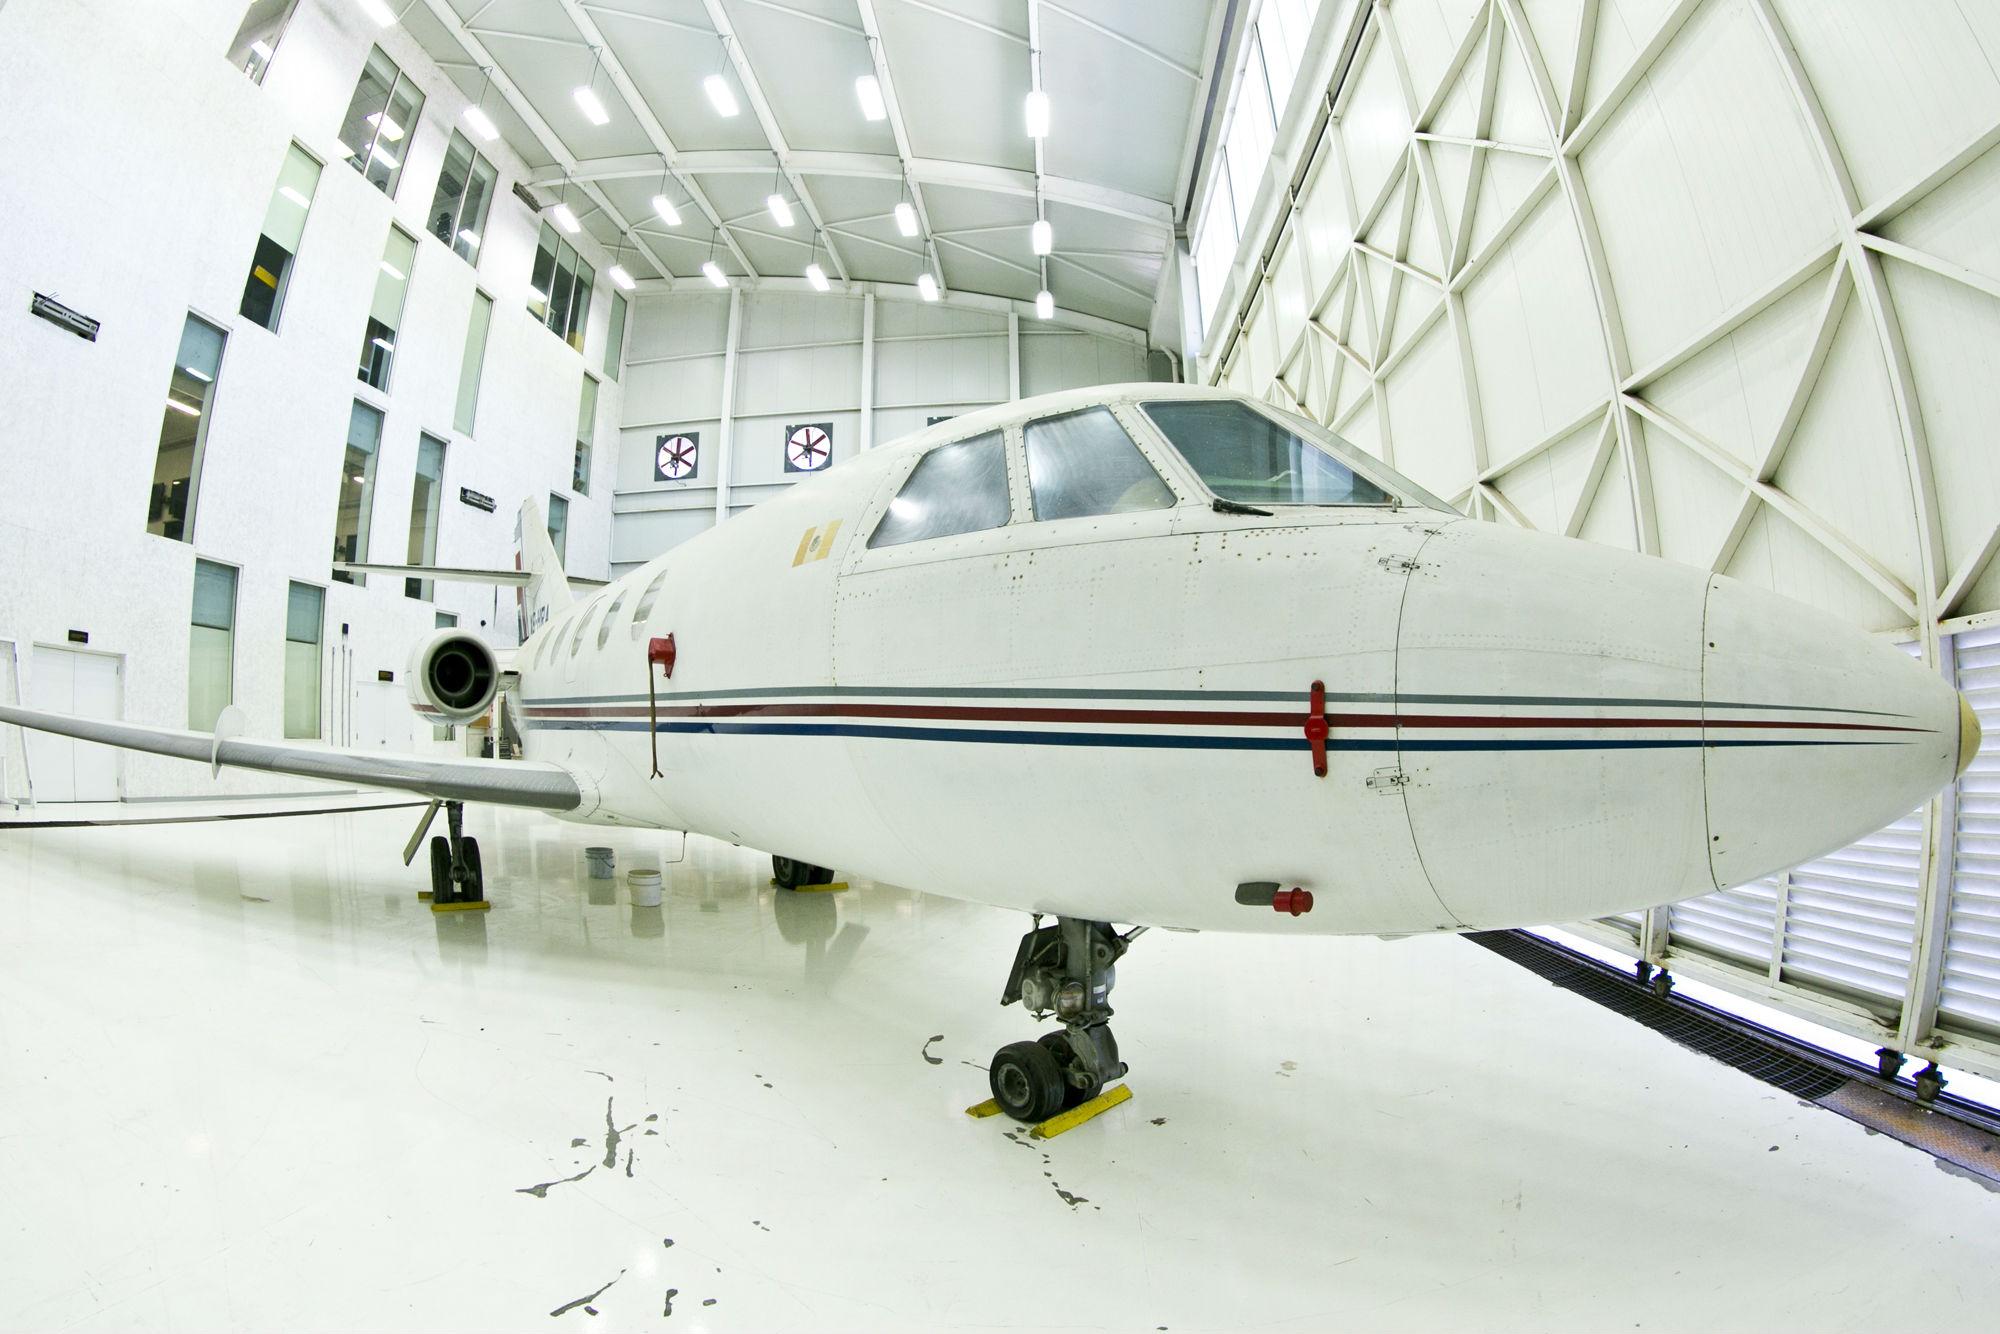 La UANL cuenta con una matrícula de 750 estudiantes en el Programa Educativo de Ingeniería en Aeronáutica